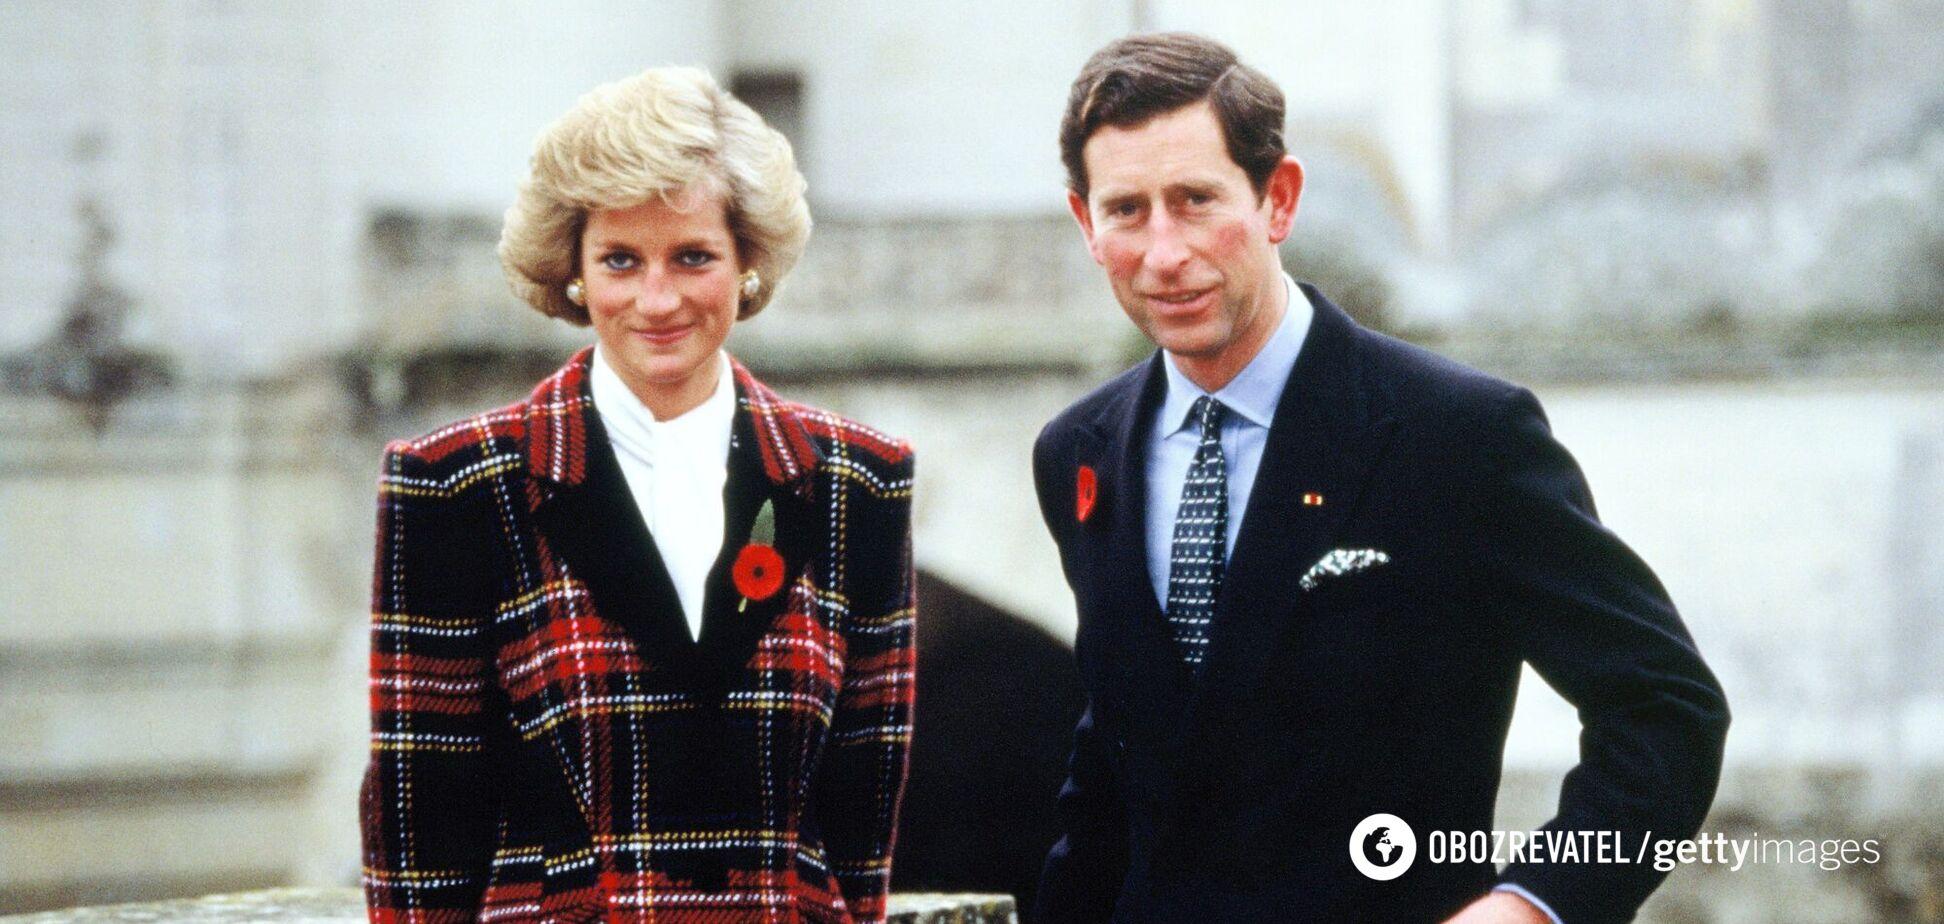 Знайдіть відмінності: як актори серіалу 'Корона' вжилися в ролі принцеси Діани і Чарльза. Фото